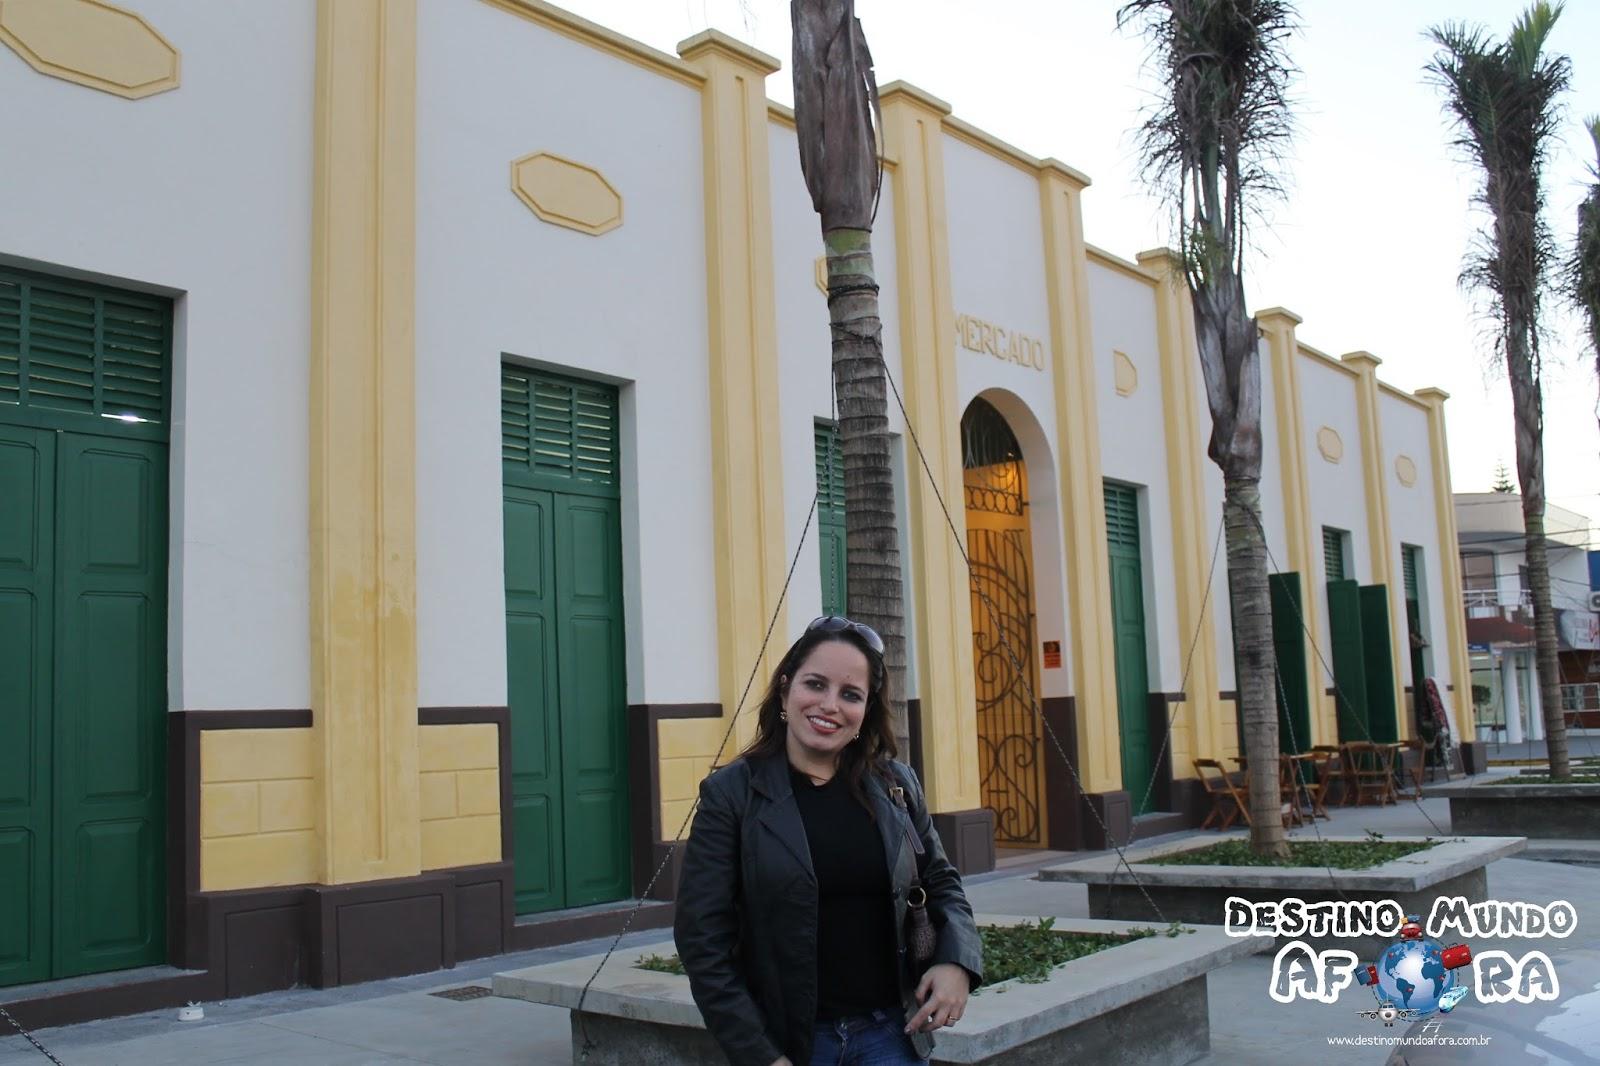 1b59277b9 No fim de semana que estivemos em Balneário Camboriú aproveitamos para dar  uma voltinha em Itajaí, cidade limítrofe. E um dos lugares que nos chamou a  ...